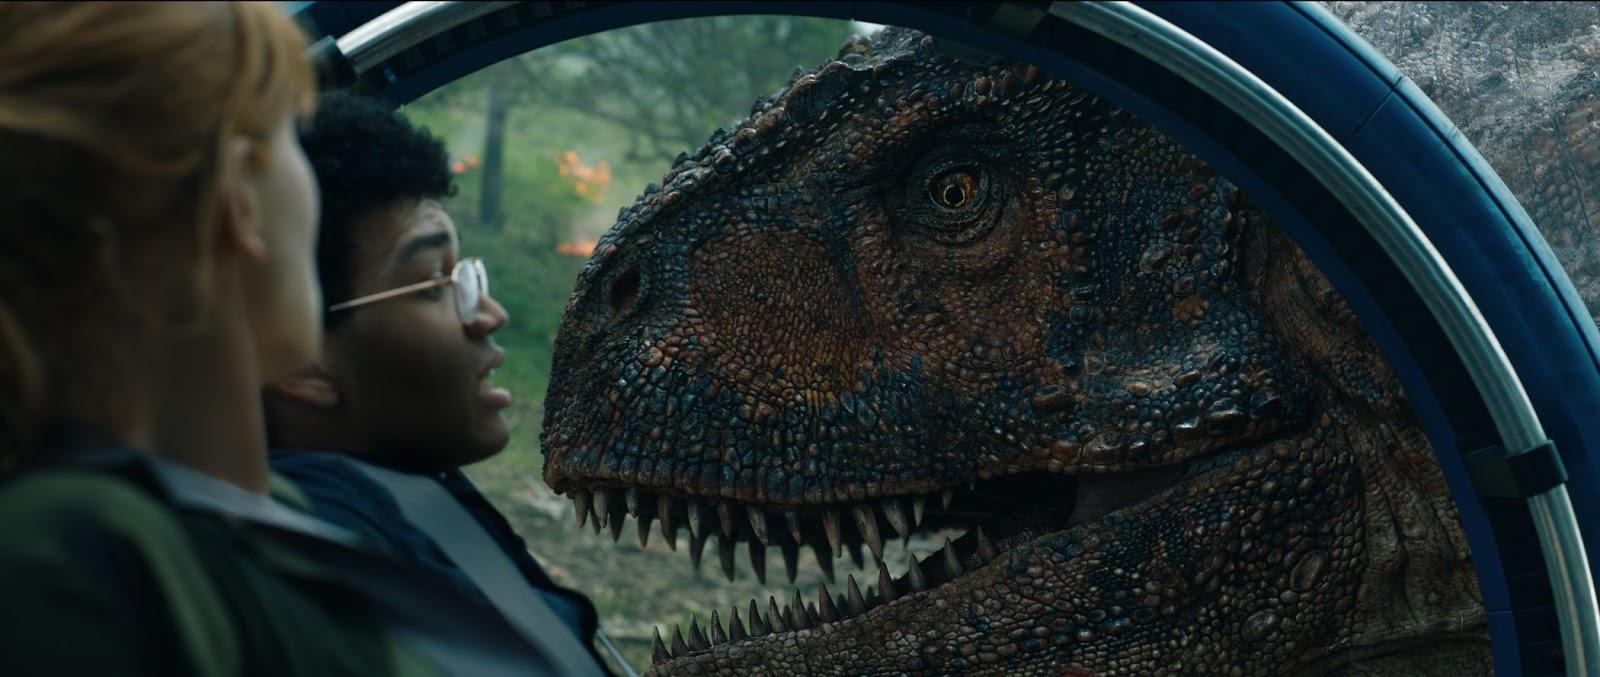 Мир юрского периода 2. Будет ли мир между видами? фильм, более, динозавров, часть, снова, почти, будет, третьей, особо, которые, фильме, вулкан, динозавры, рядом, будут, просто, важно, динозаврами, сцены, вулкана